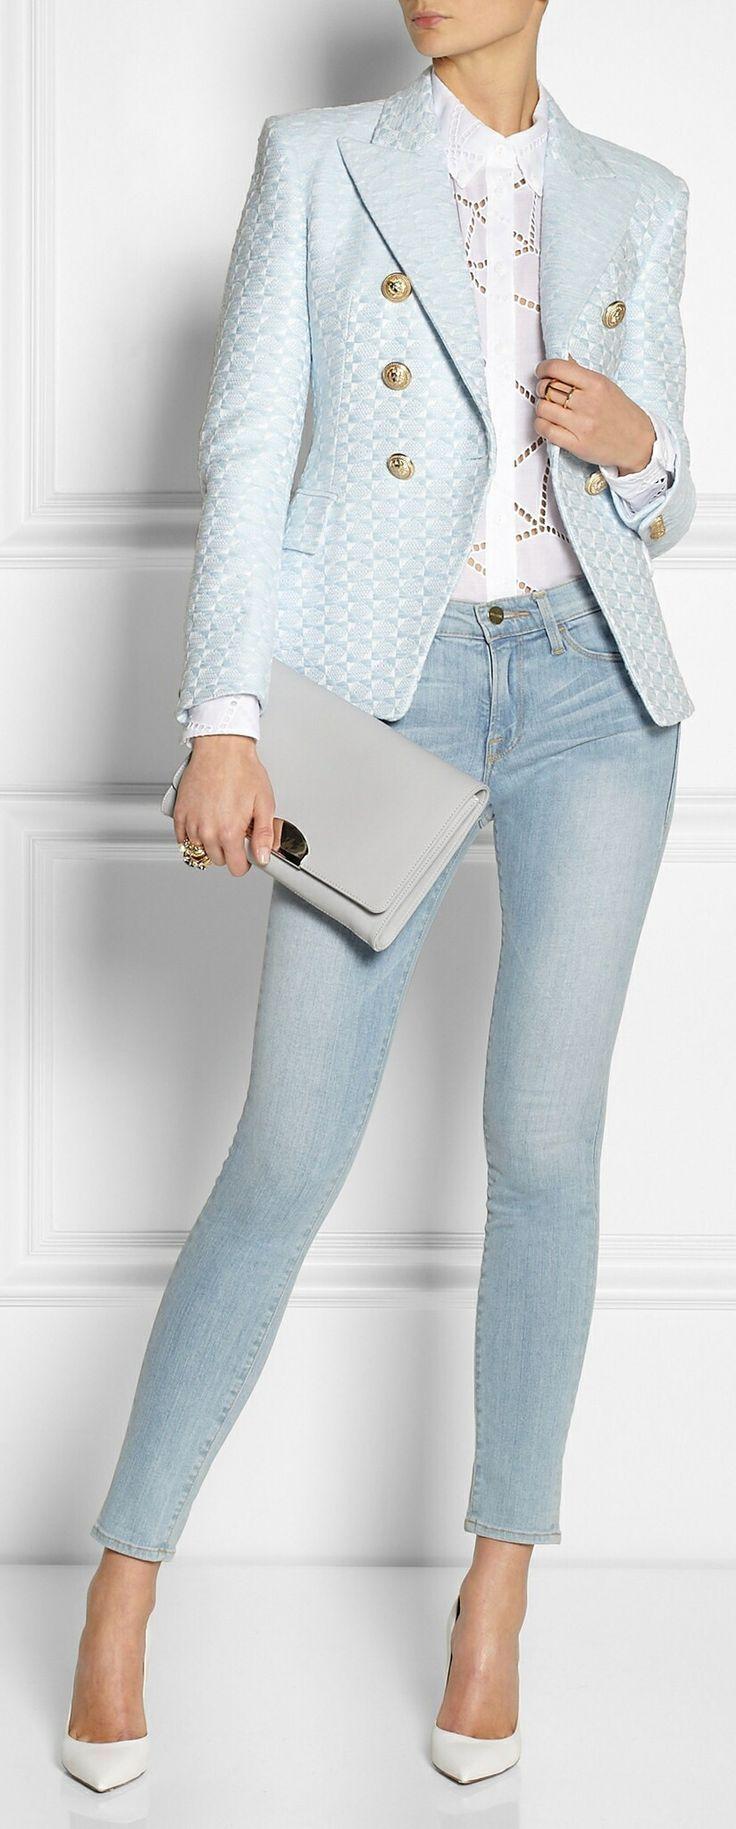 combinar denim (jeans) con una prenda high fashion es el must wear esta temporada.  #Balmain #denim #fashion #moda #trends